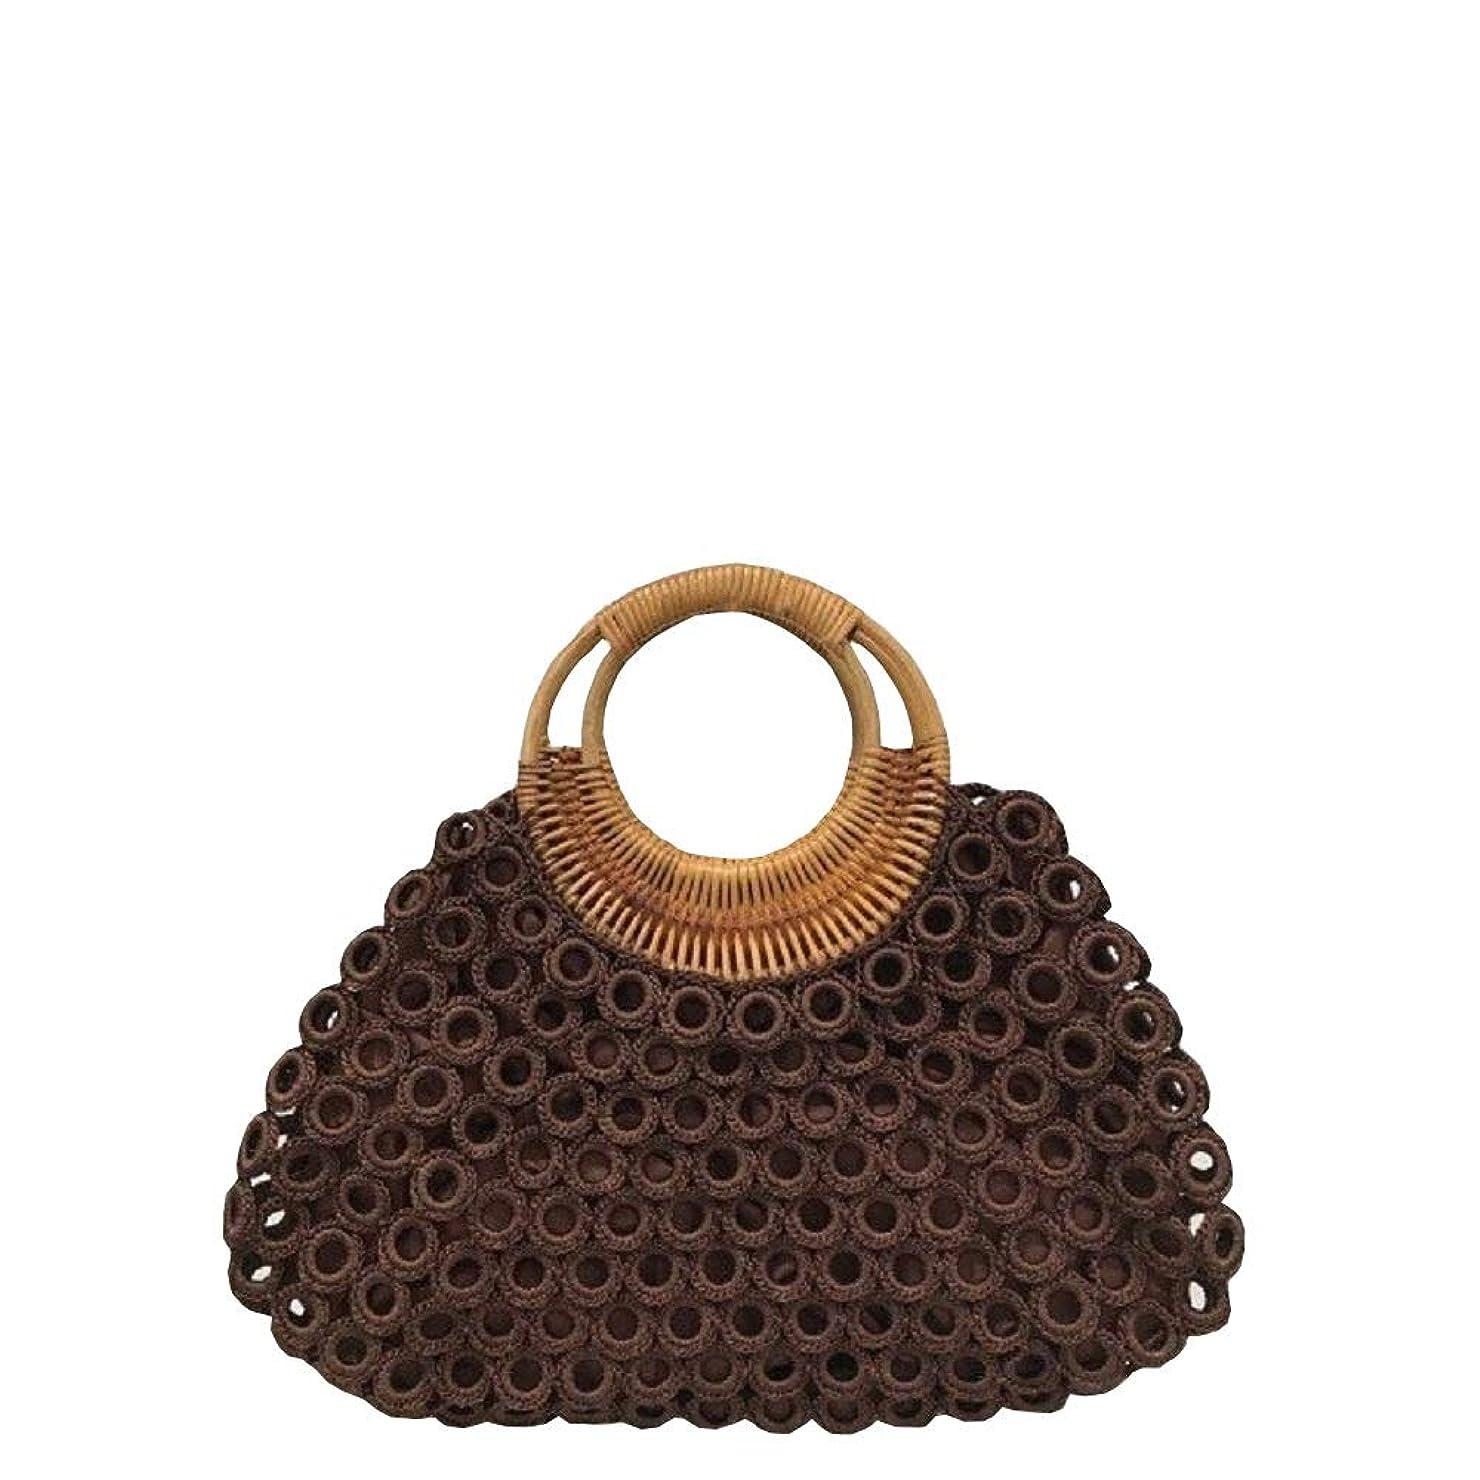 おばあさん樫の木長さベトナムバッグ リング編み ハンドバッグ 手提げ 鞄 ハンドメイド ベトナム雑貨